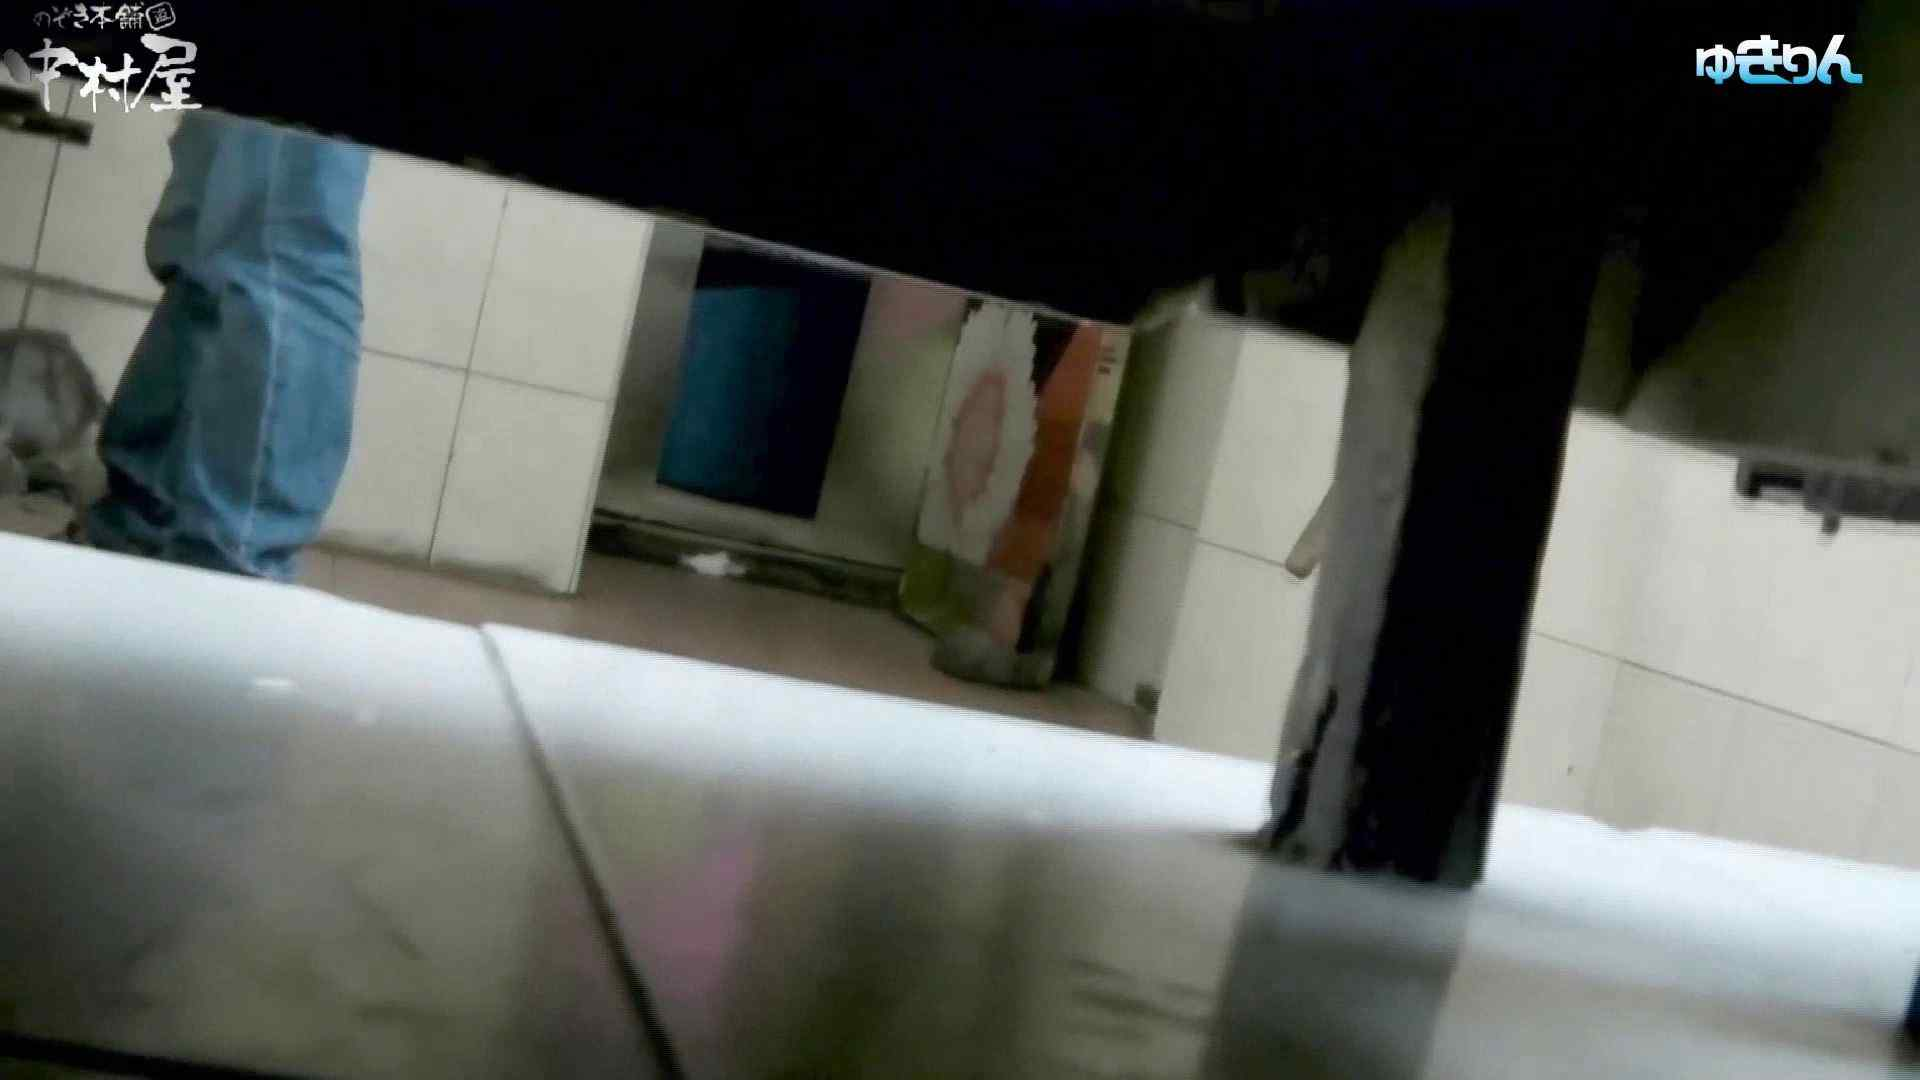 世界の射窓から~ステーション編 vol57 買い物の後三人組再び一番可愛い子が隣に入ってくれた。 OLハメ撮り  33Pix 4